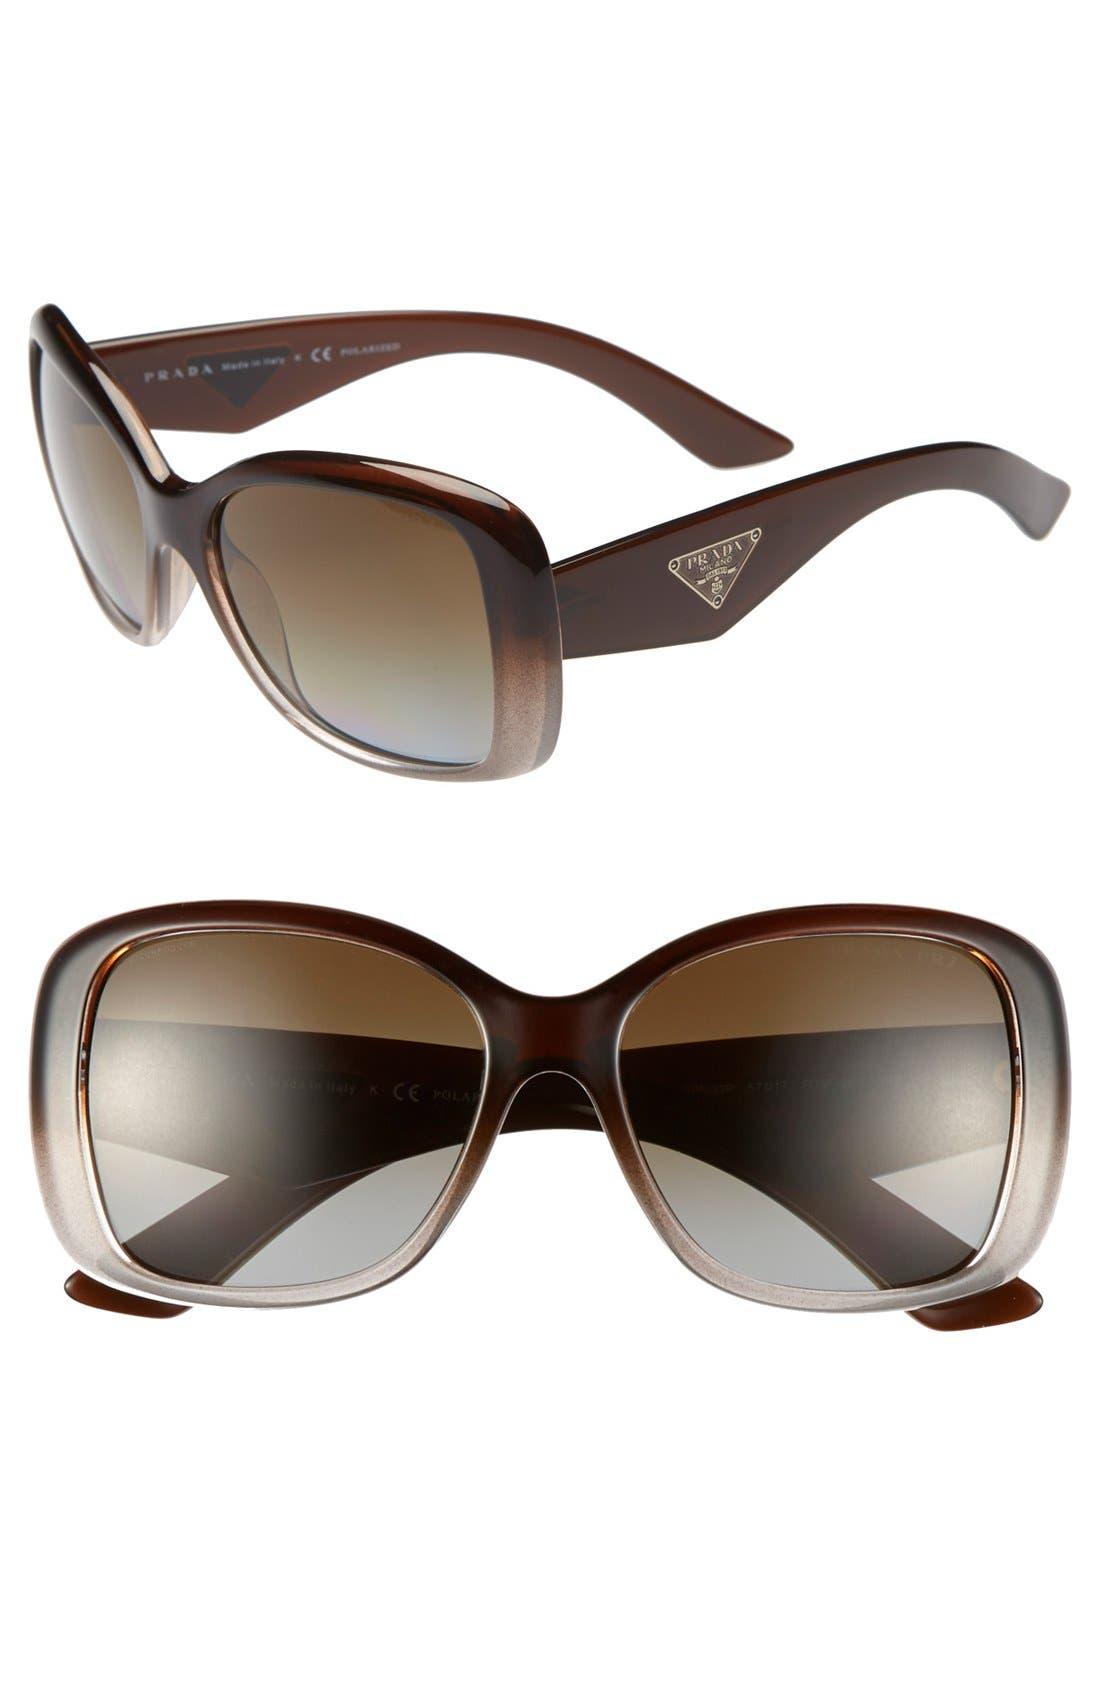 Alternate Image 1 Selected - Prada 'Oversized Glam' 57mm Polarized Sunglasses